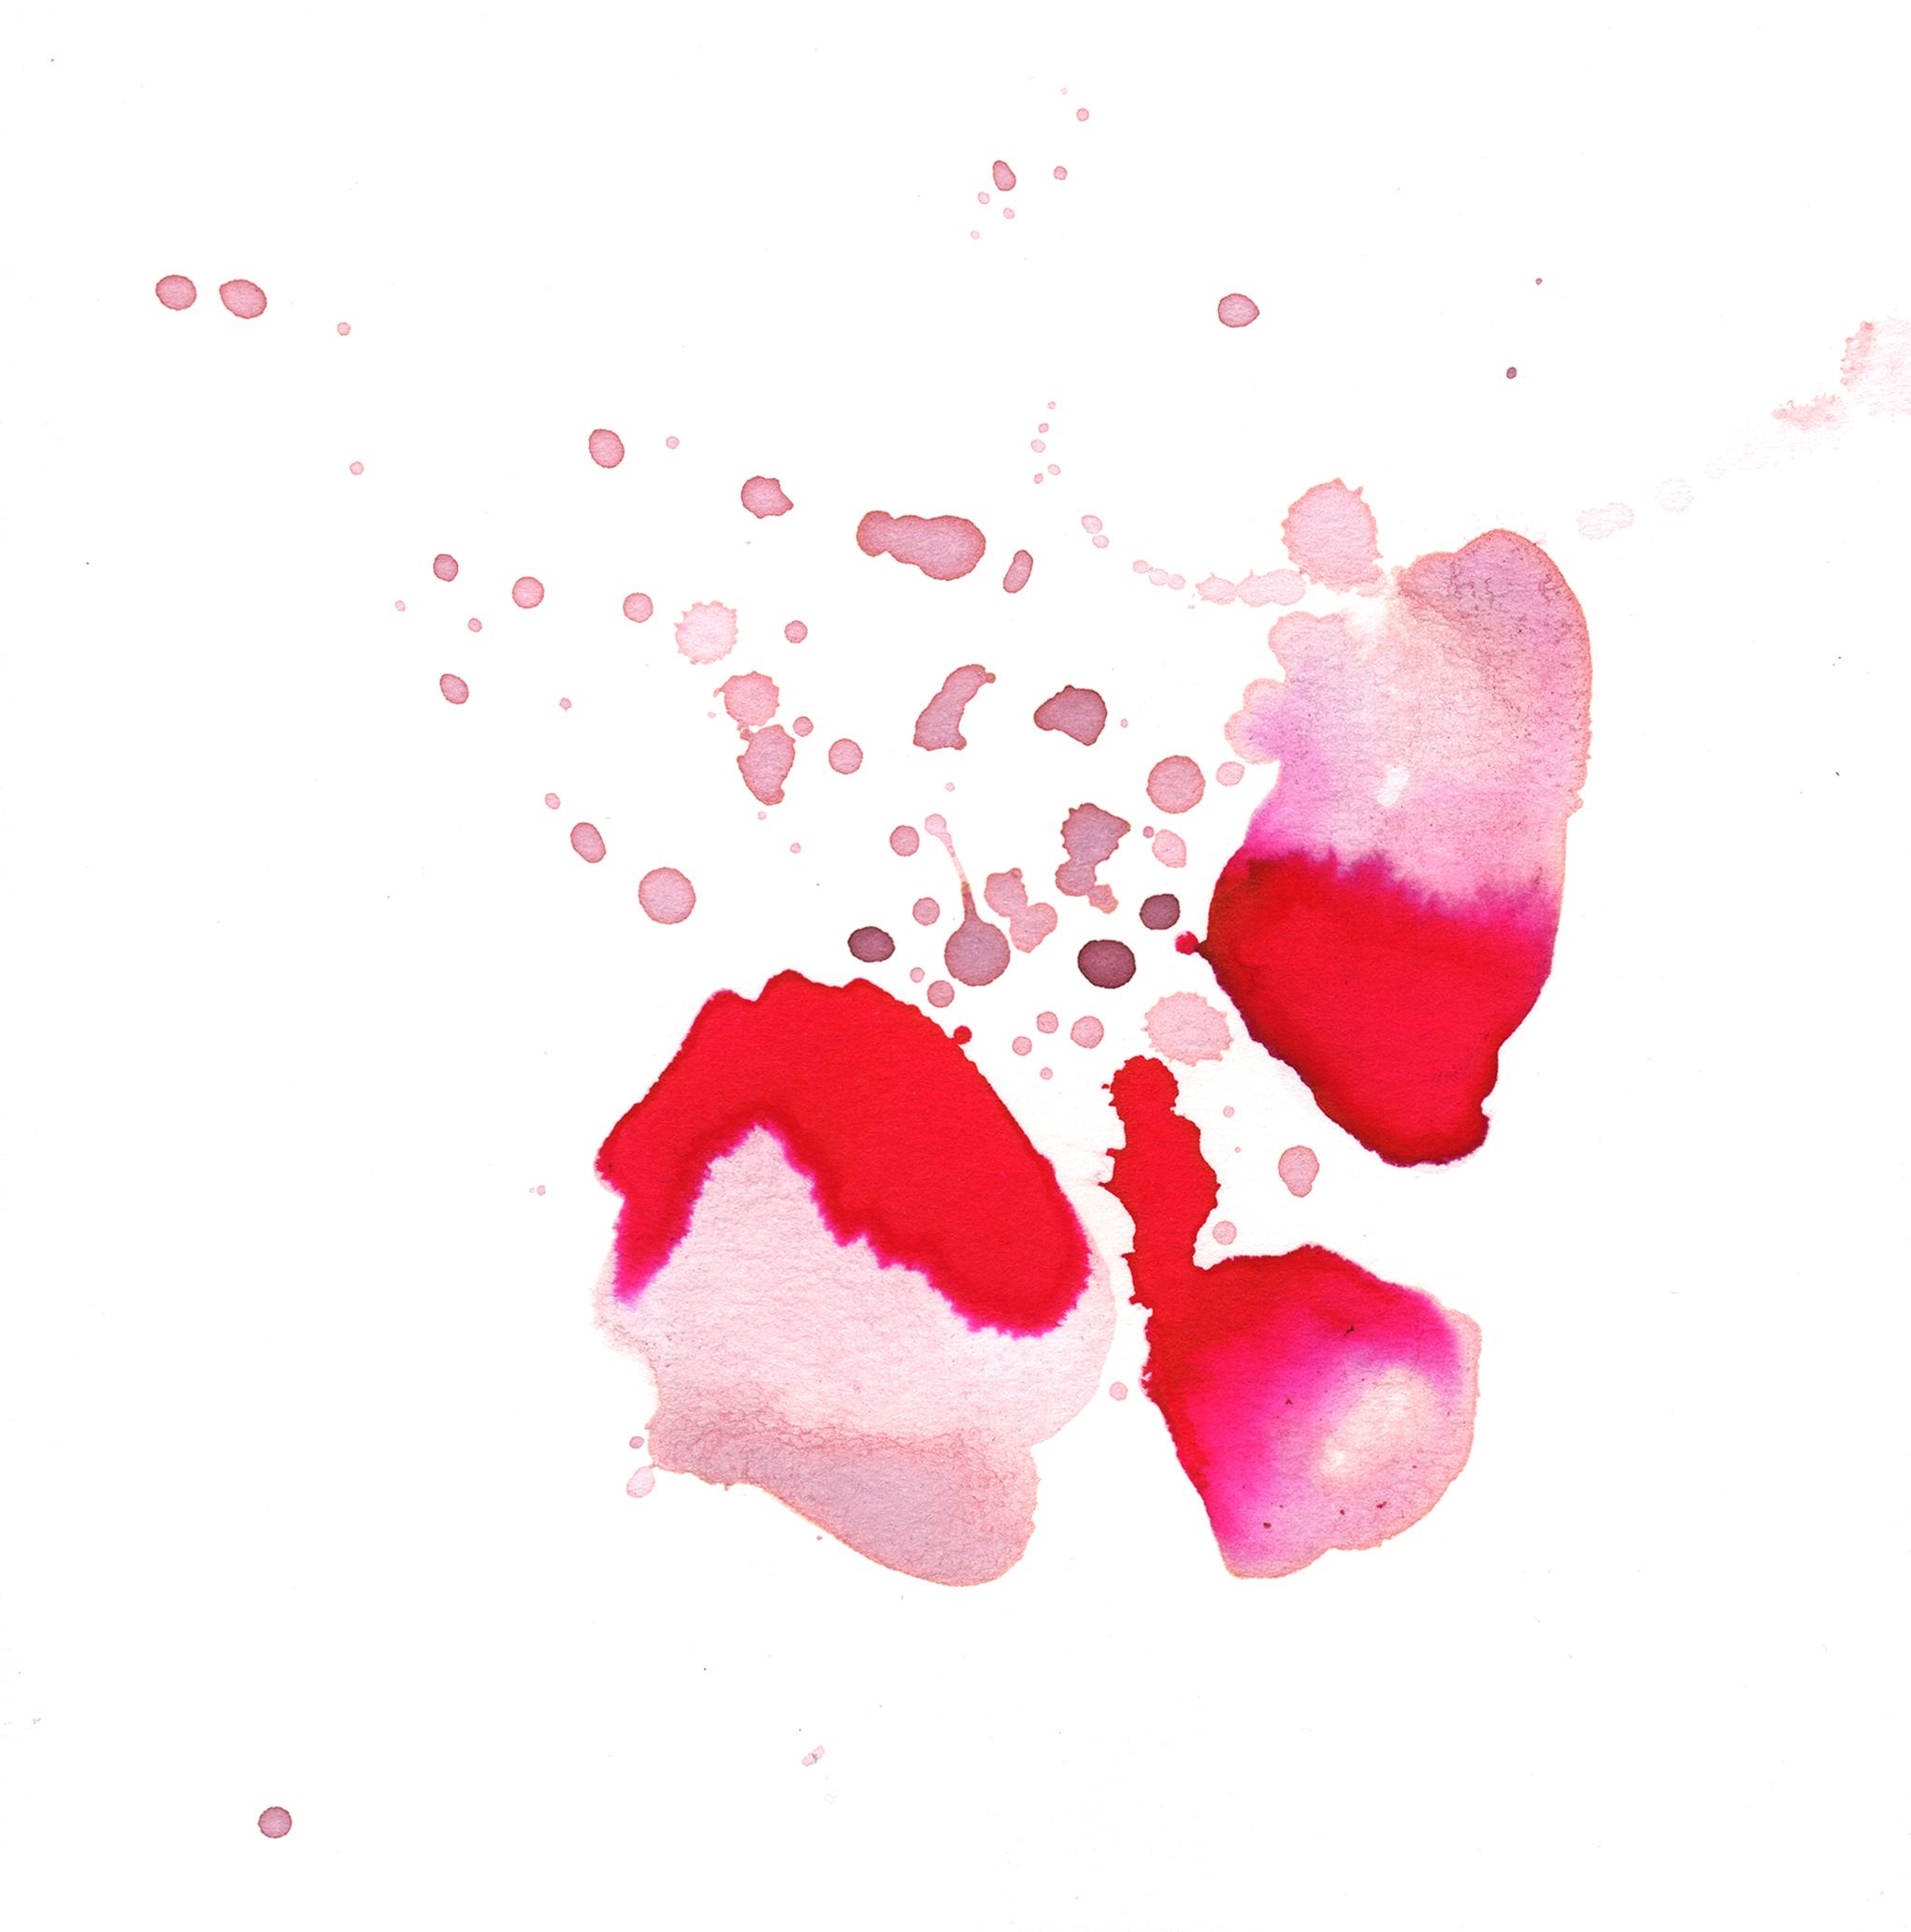 282.Rose.Petals.11.17.14jpg.jpg